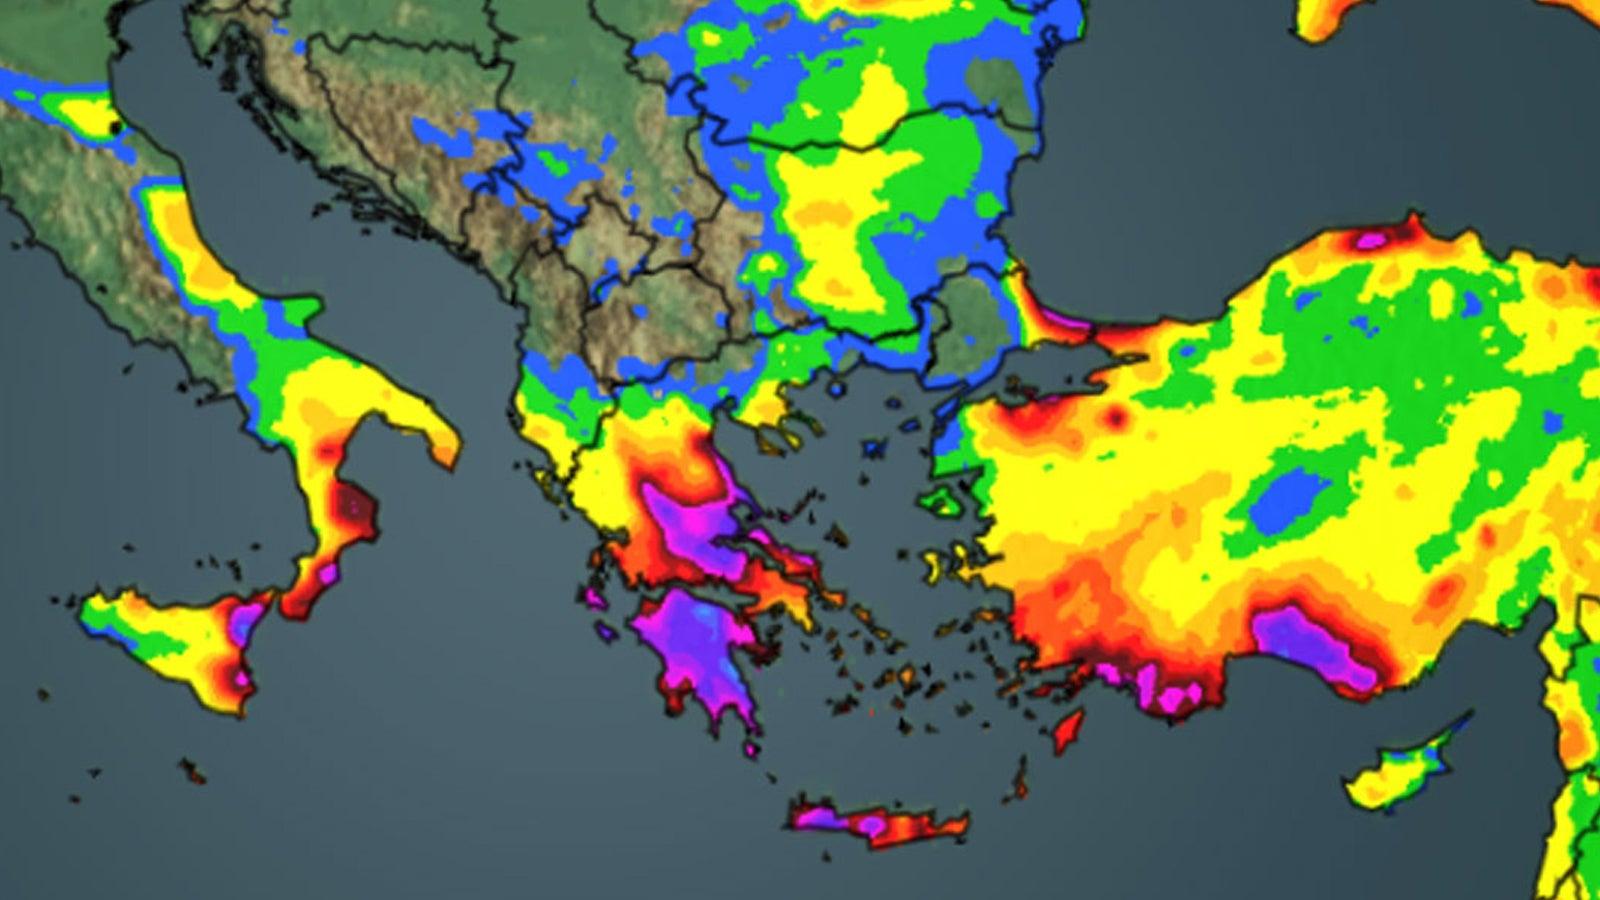 Alarmstufe Rot droht! Neue Unwetter brauen sich über dem Mittelmeer zusammen